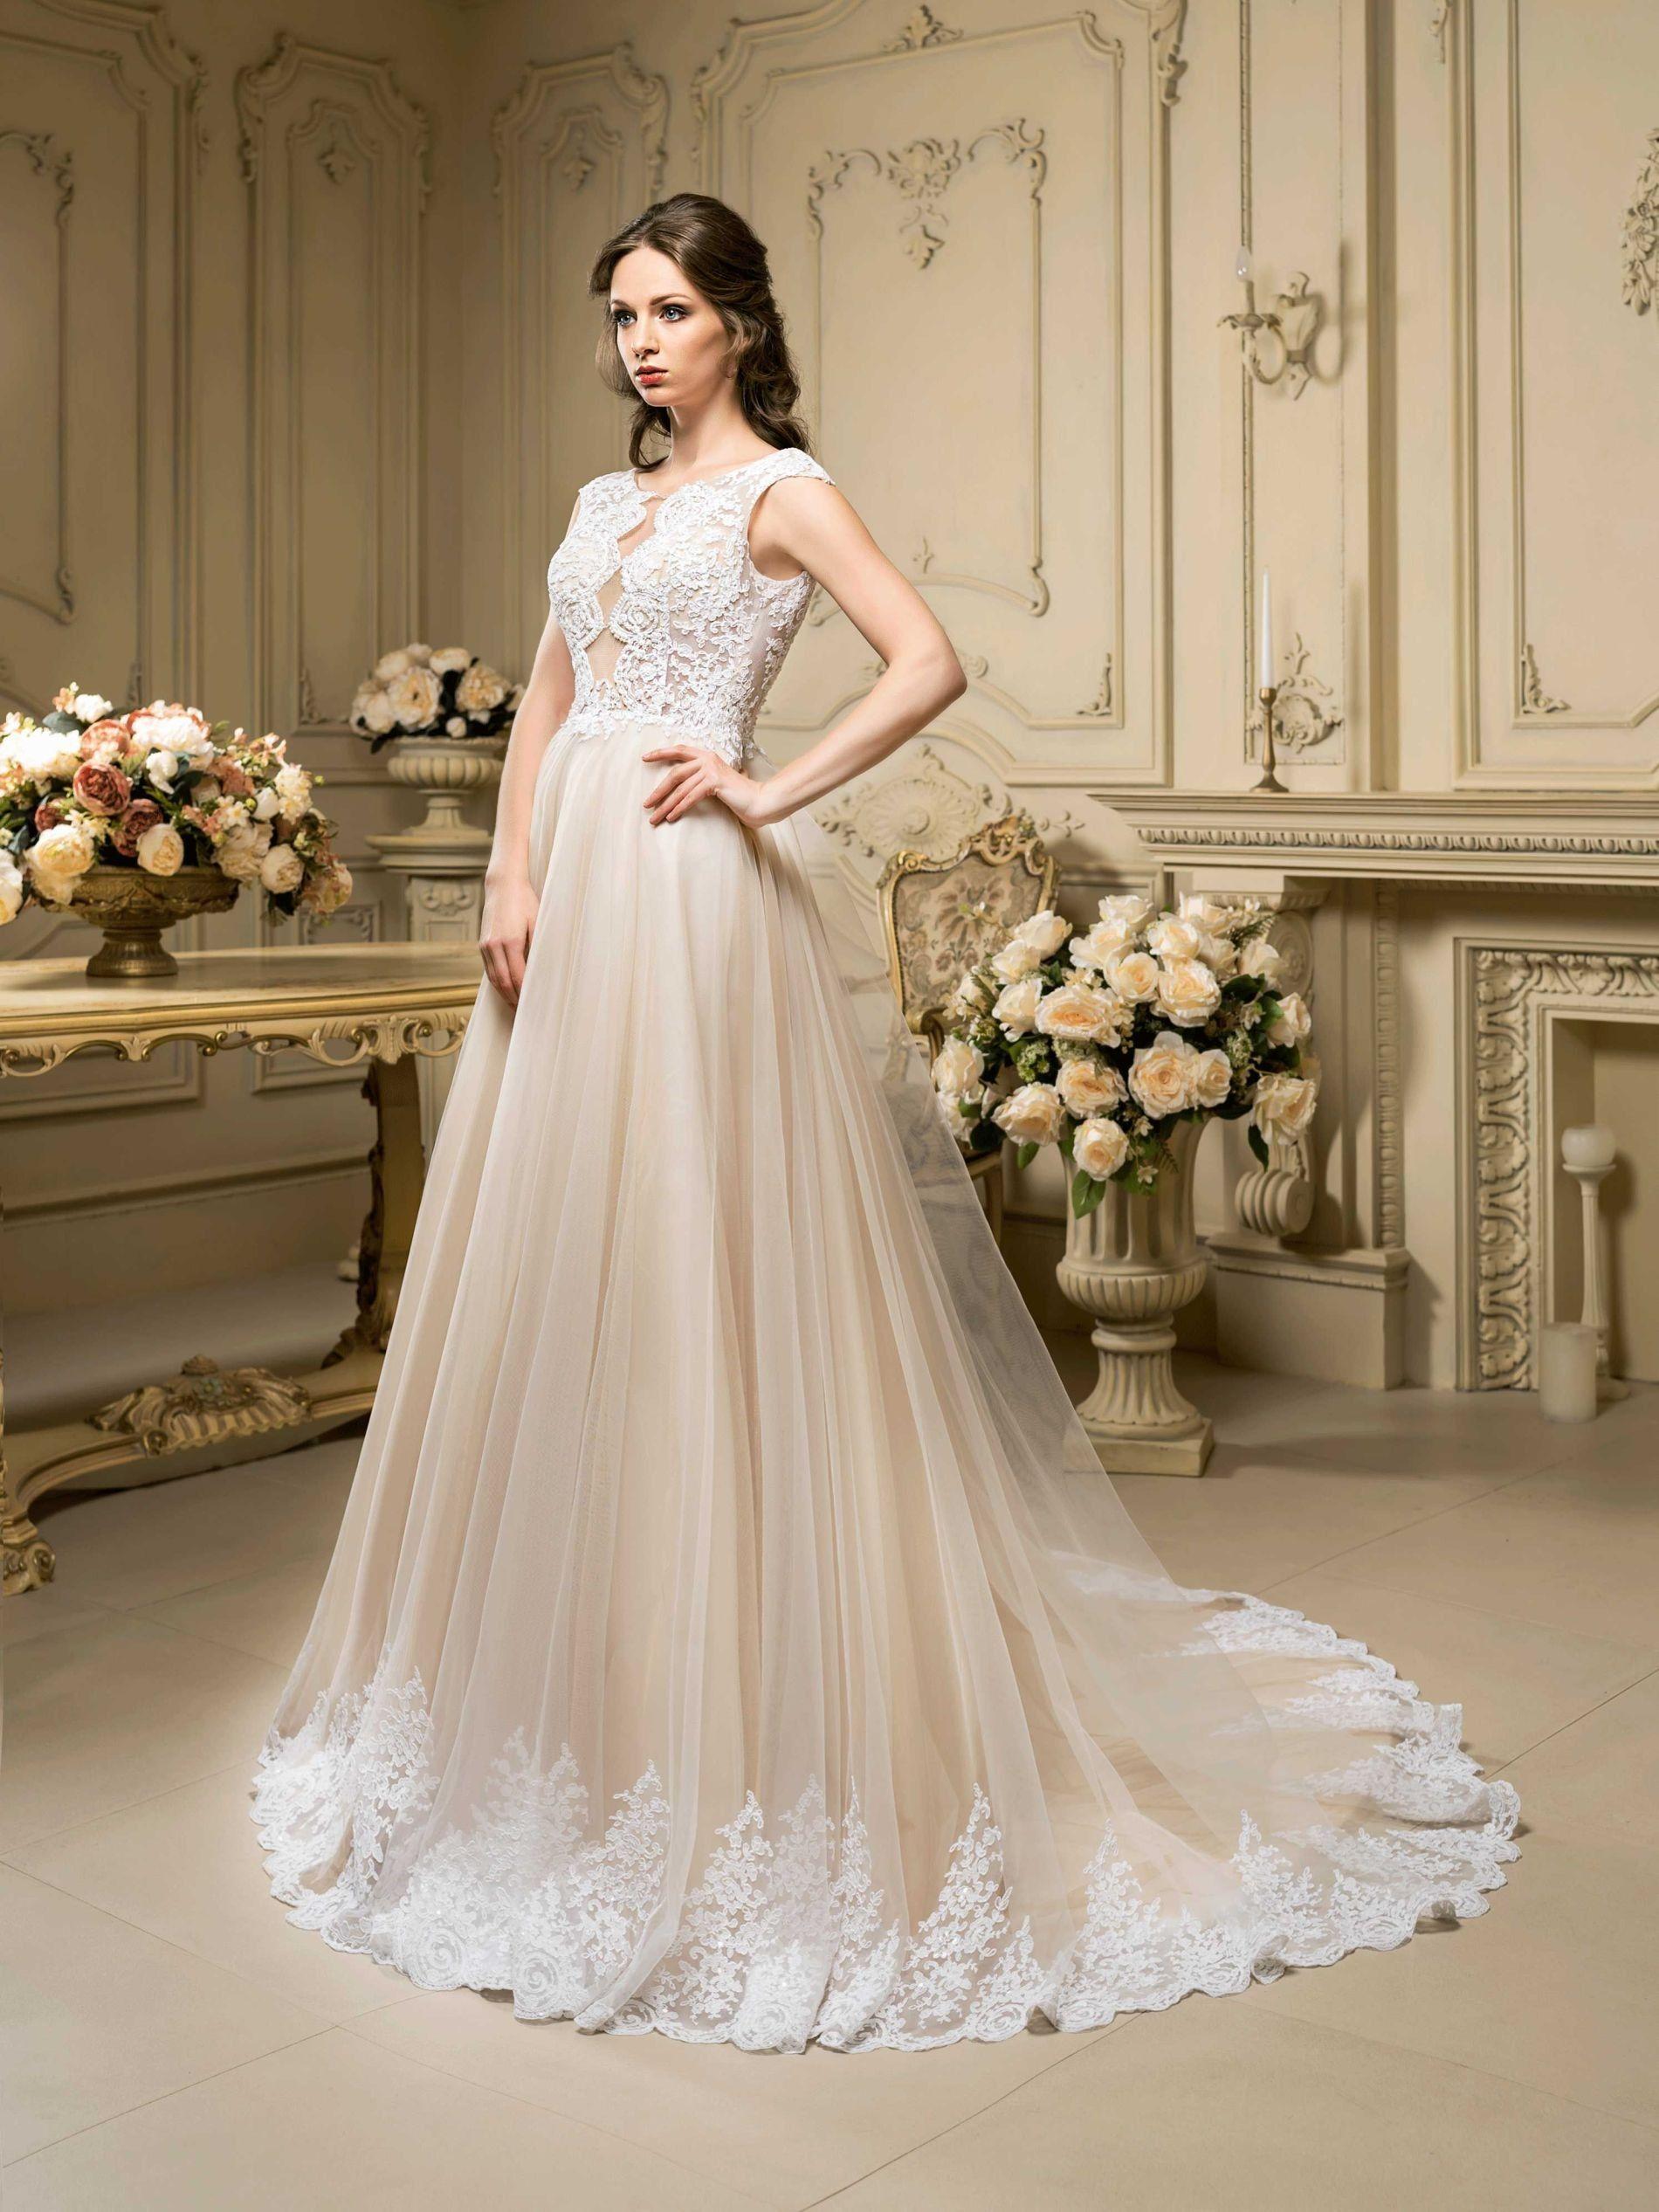 78a62465564c Krásne svadobné šaty so širokou sukňou zdobenou čipkou a čipkovaným vrškom